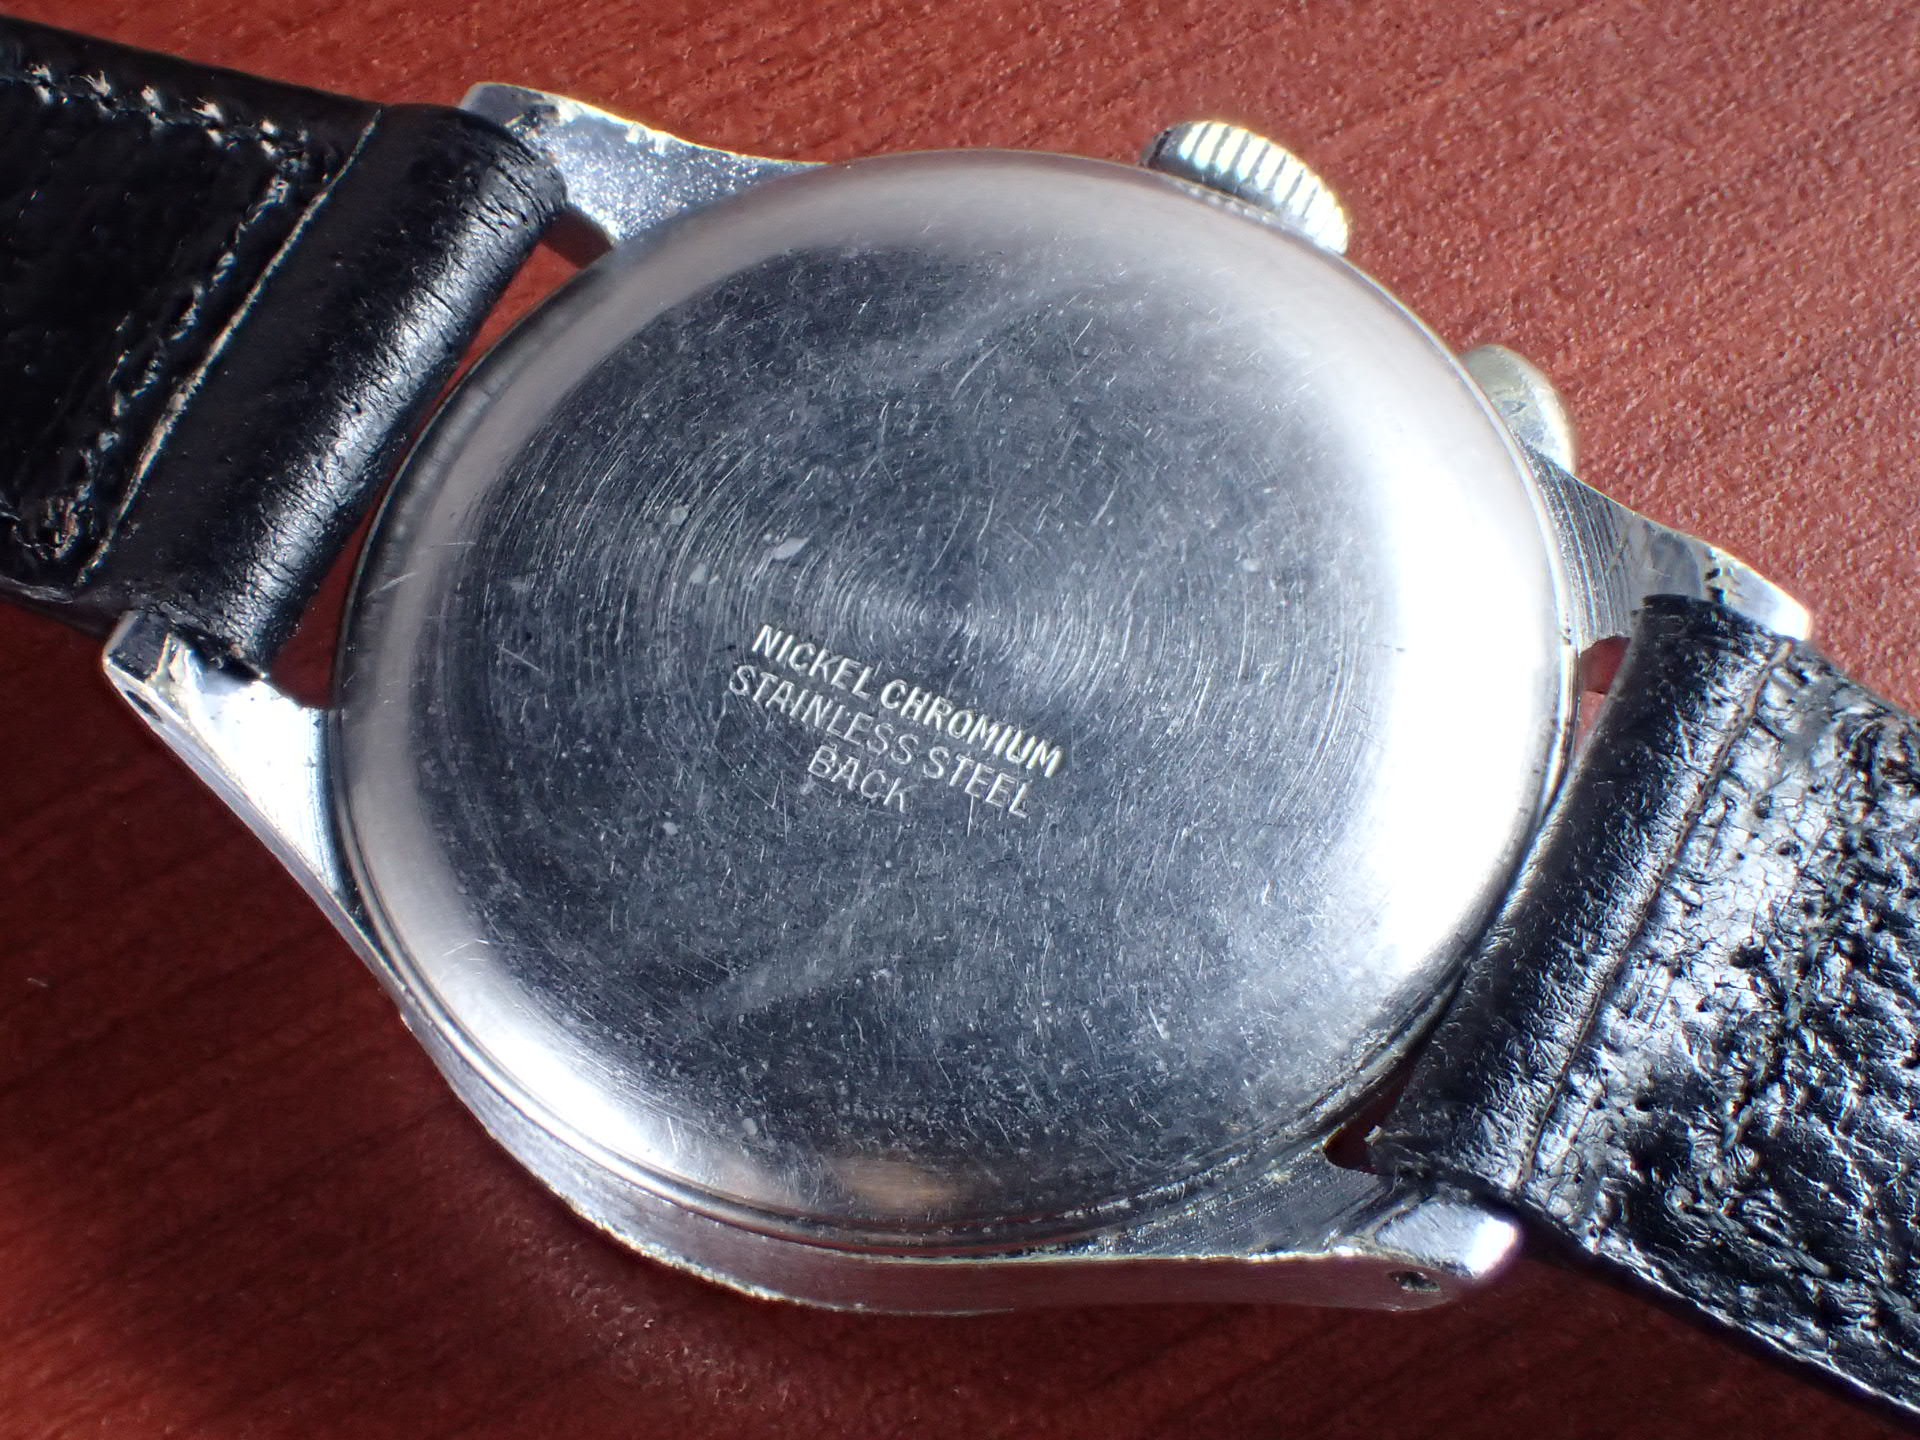 ハーマン シングルプッシュ ベビークロノグラフ ブラックミラーDL 1930年代の写真4枚目